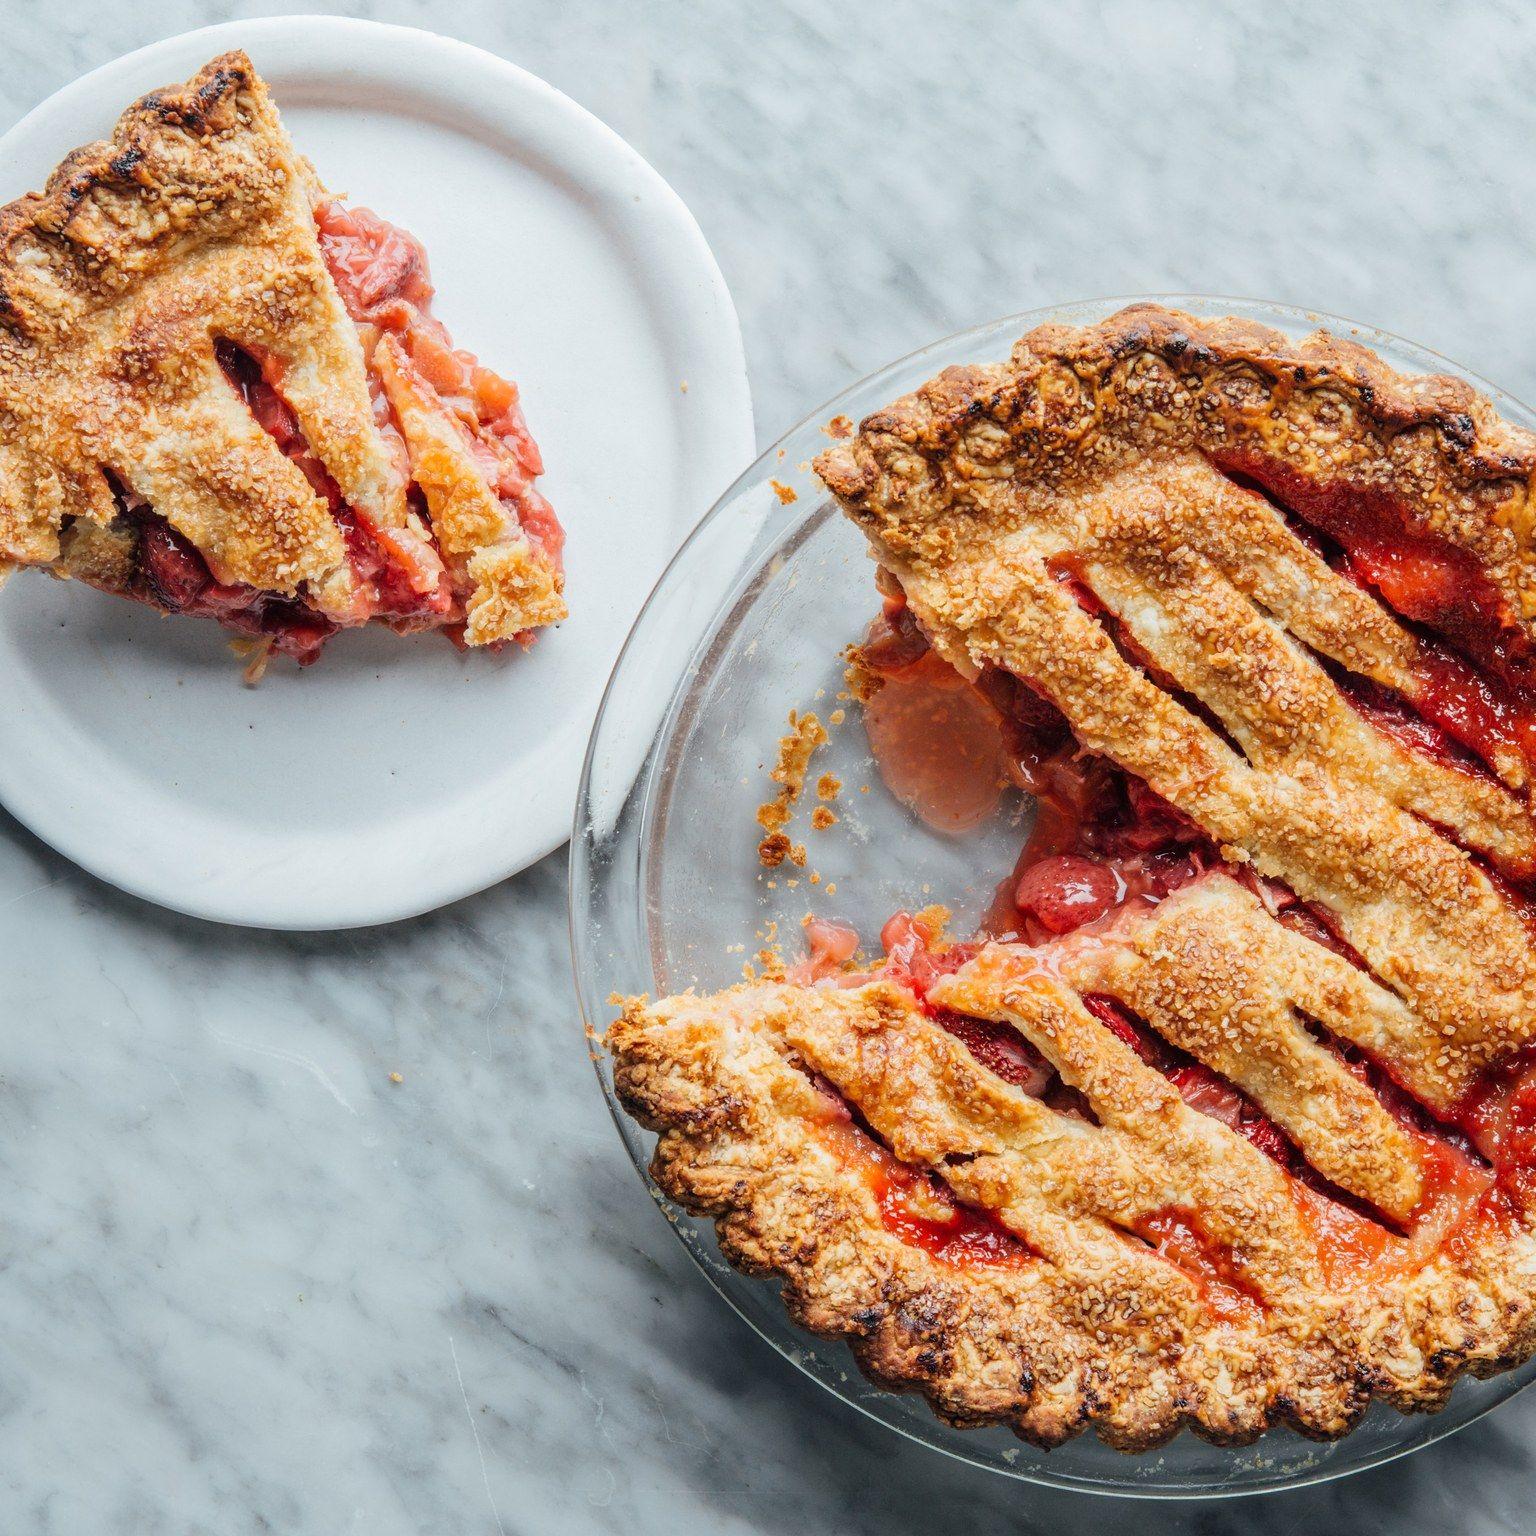 Ba S Best Strawberry Rhubarb Pie Recipe Strawberry Rhubarb Pie Strawberry Rhubarb Pie Recipe Rhubarb Recipes Pie